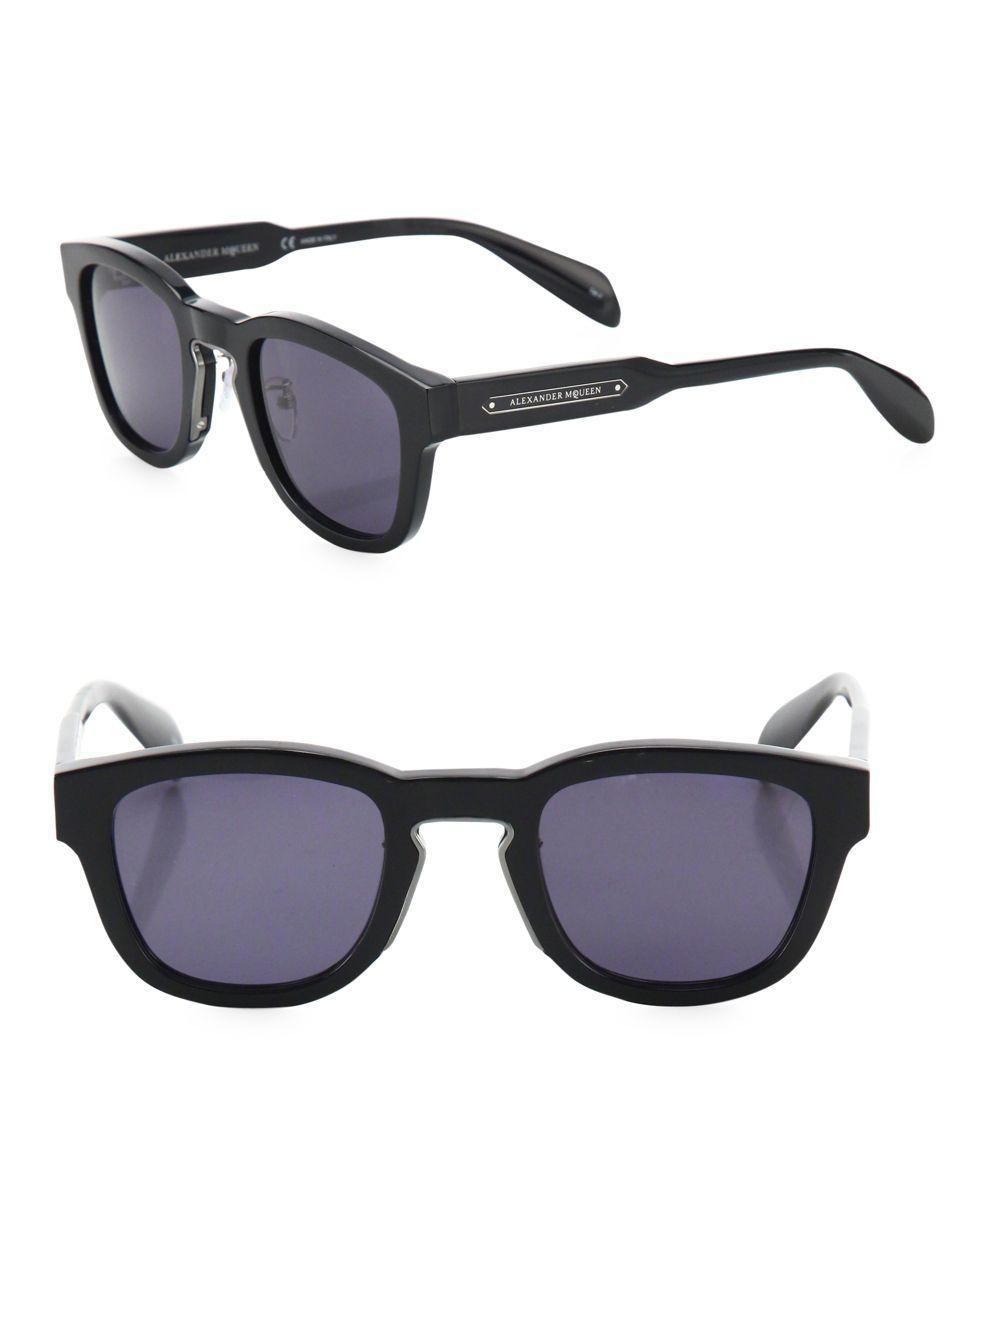 9f46eeddd8e Alexander Mcqueen 57mm Gradient Sunglasses in Gray for Men - Lyst